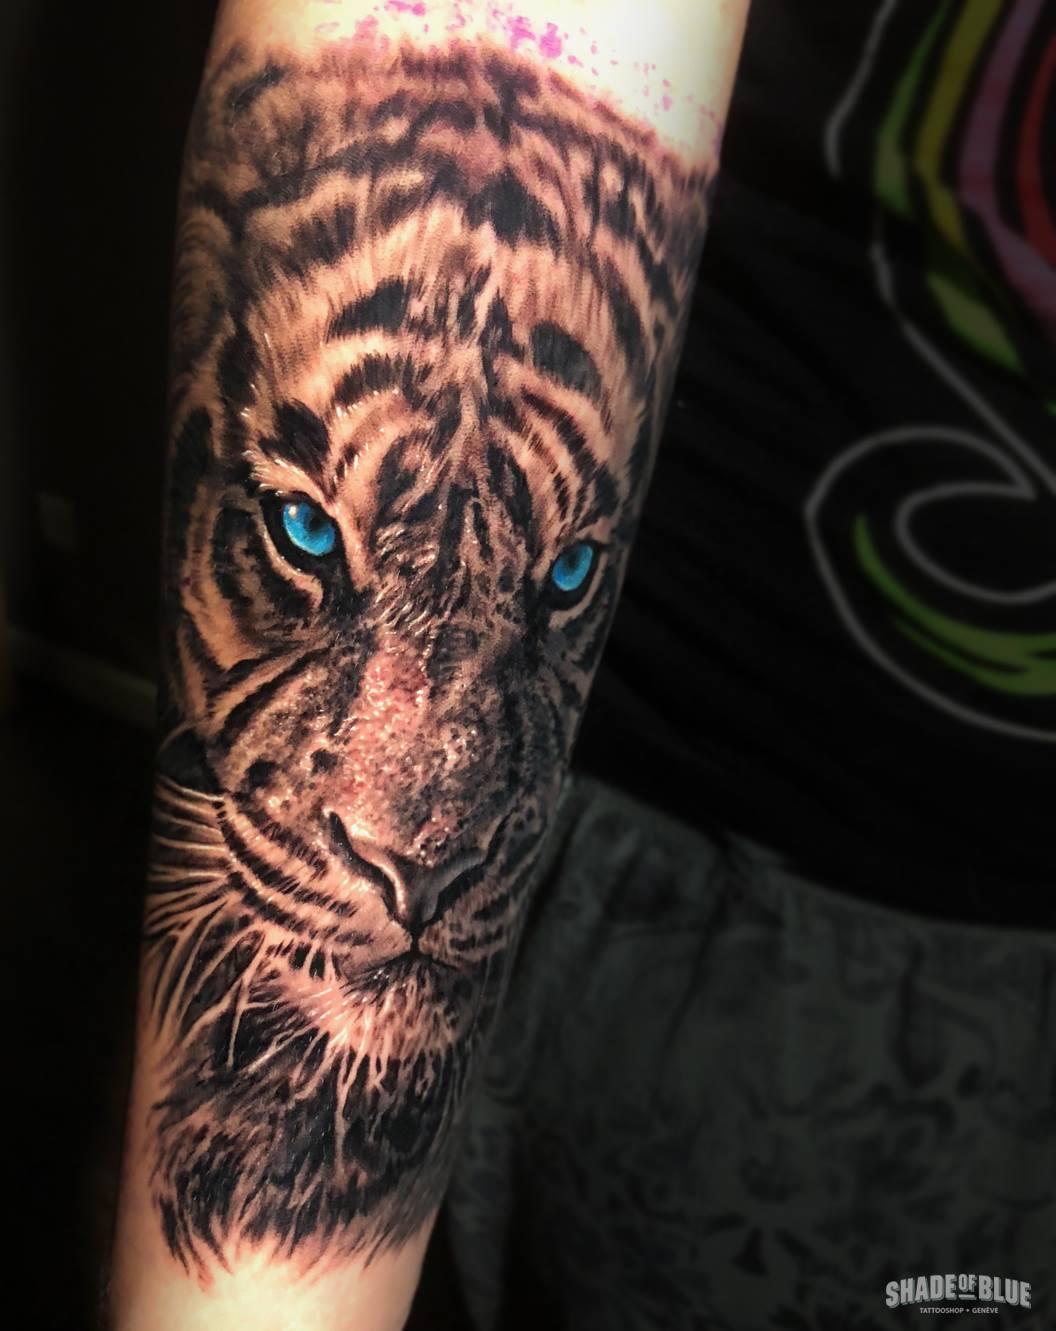 Tatouage realiste animaux tigre noir et gris couleurs